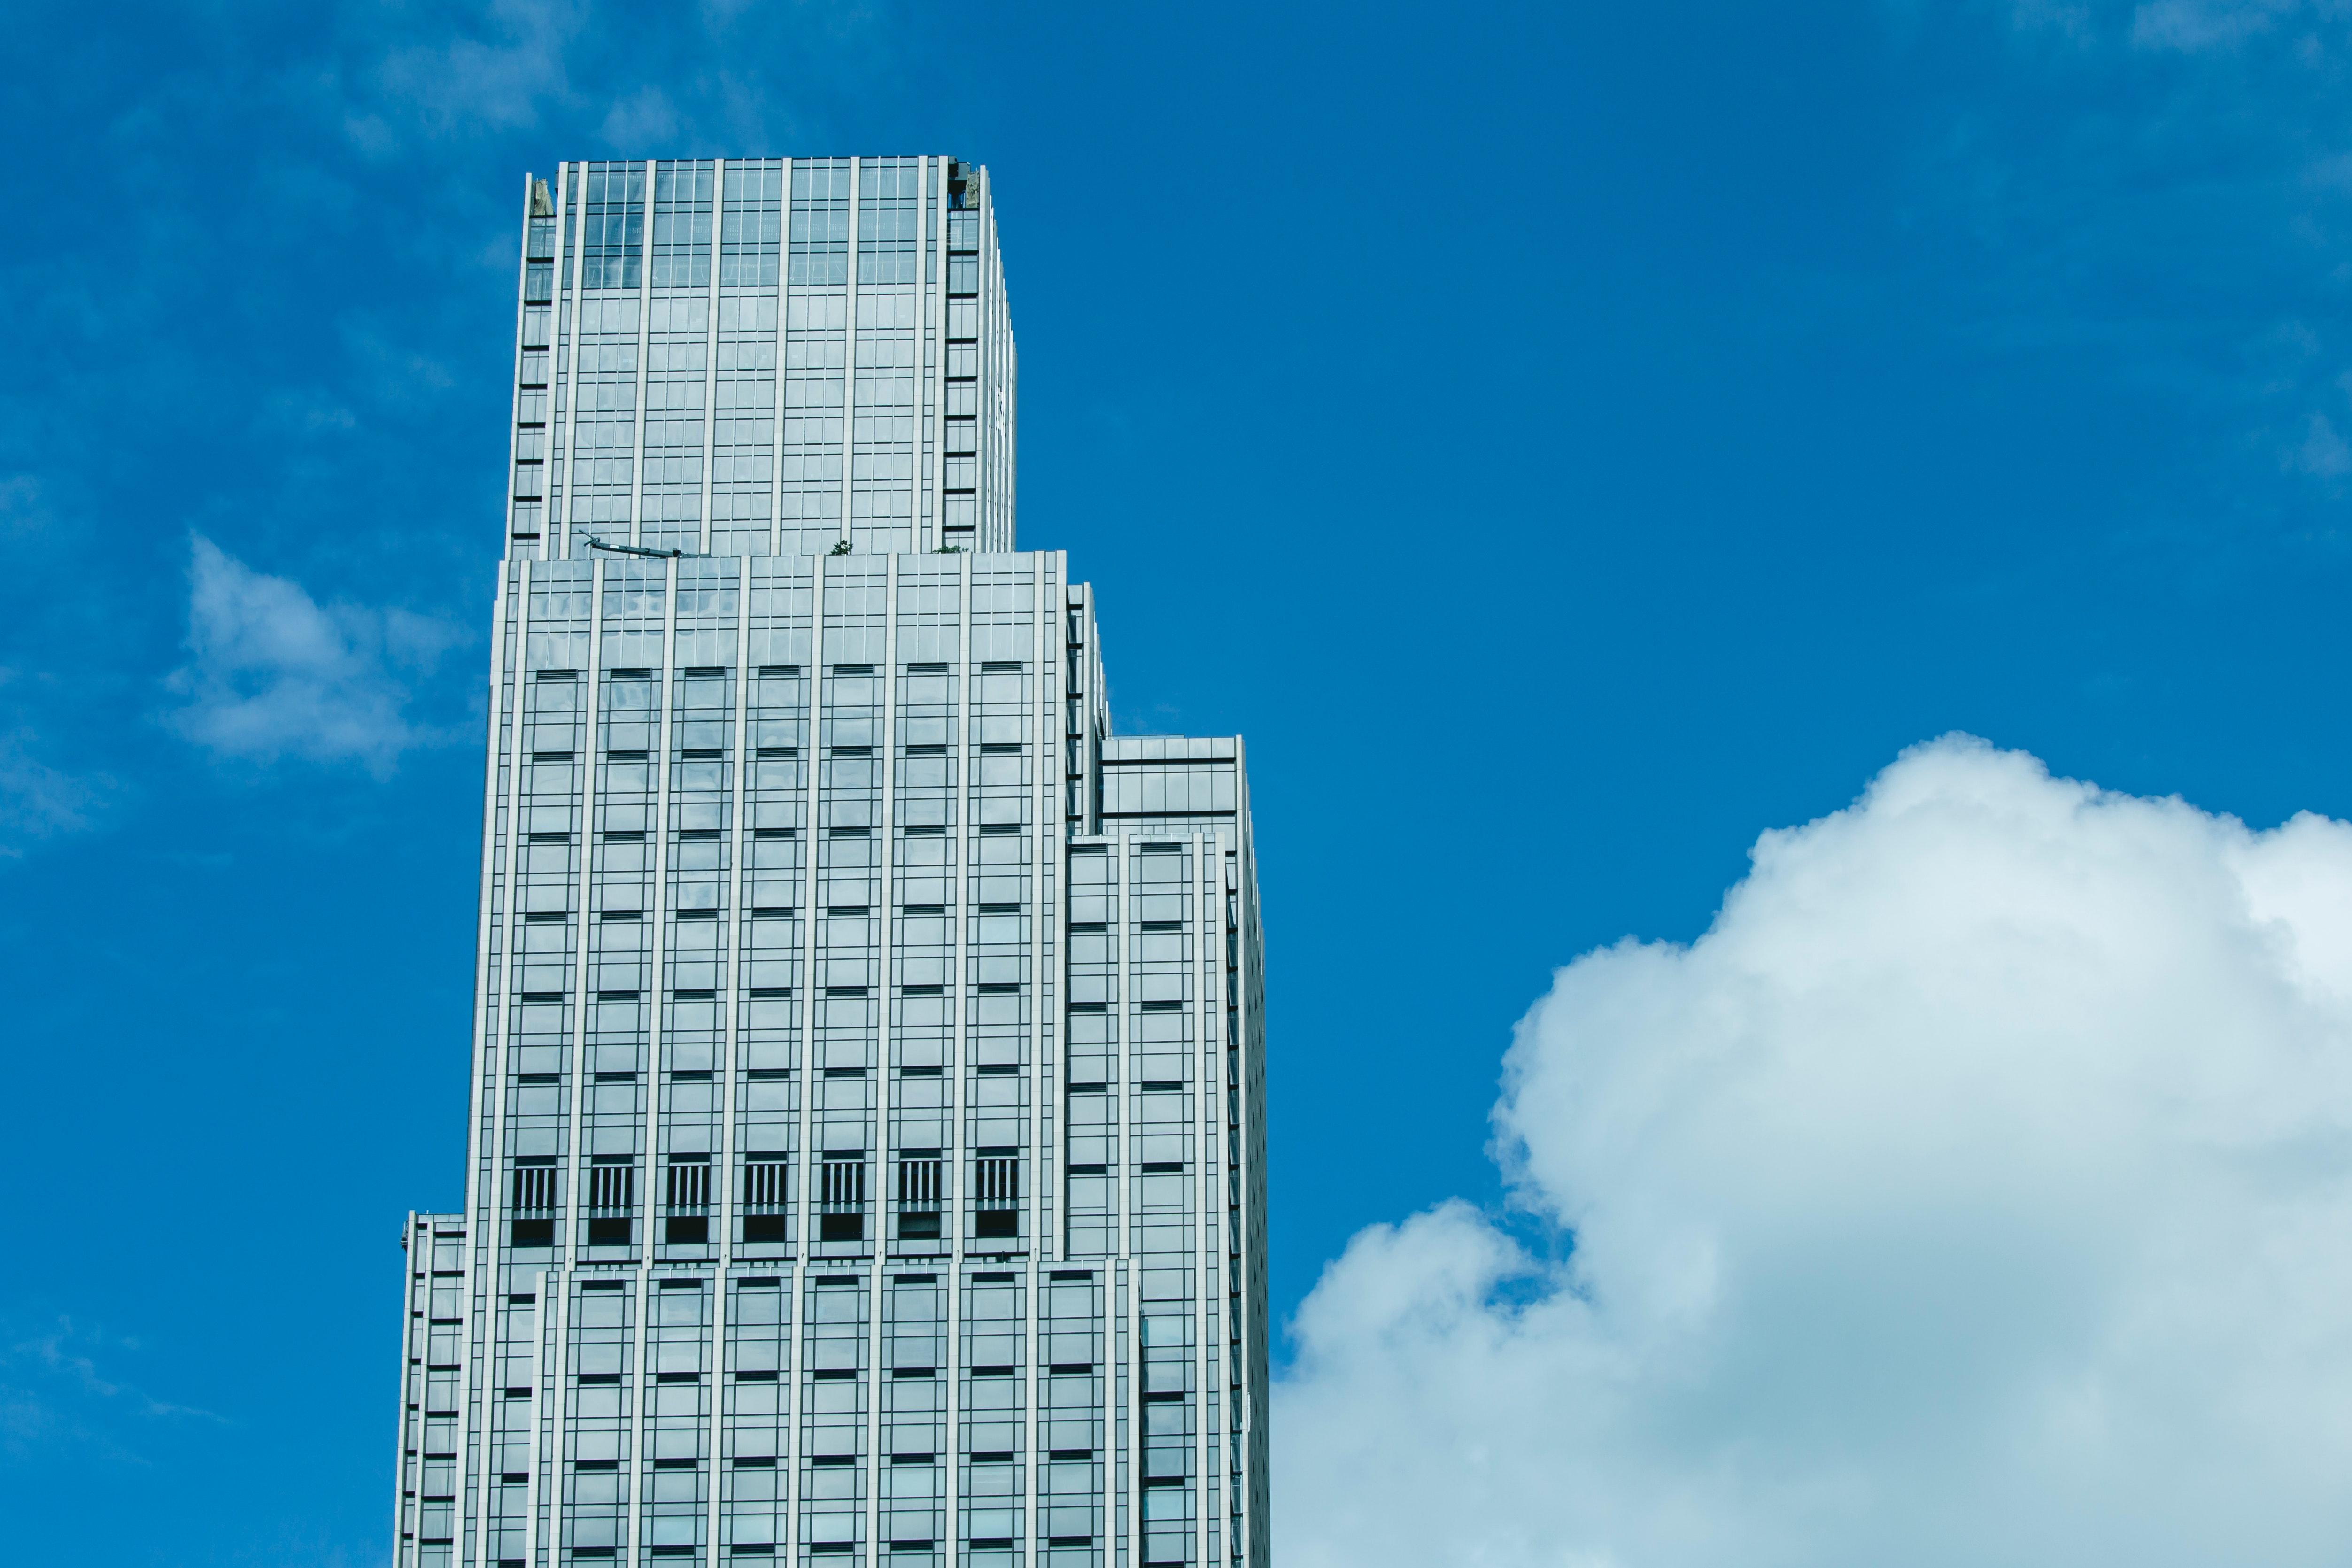 Kostenlose Foto Architekturdesign Die Architektur Blauer Himmel